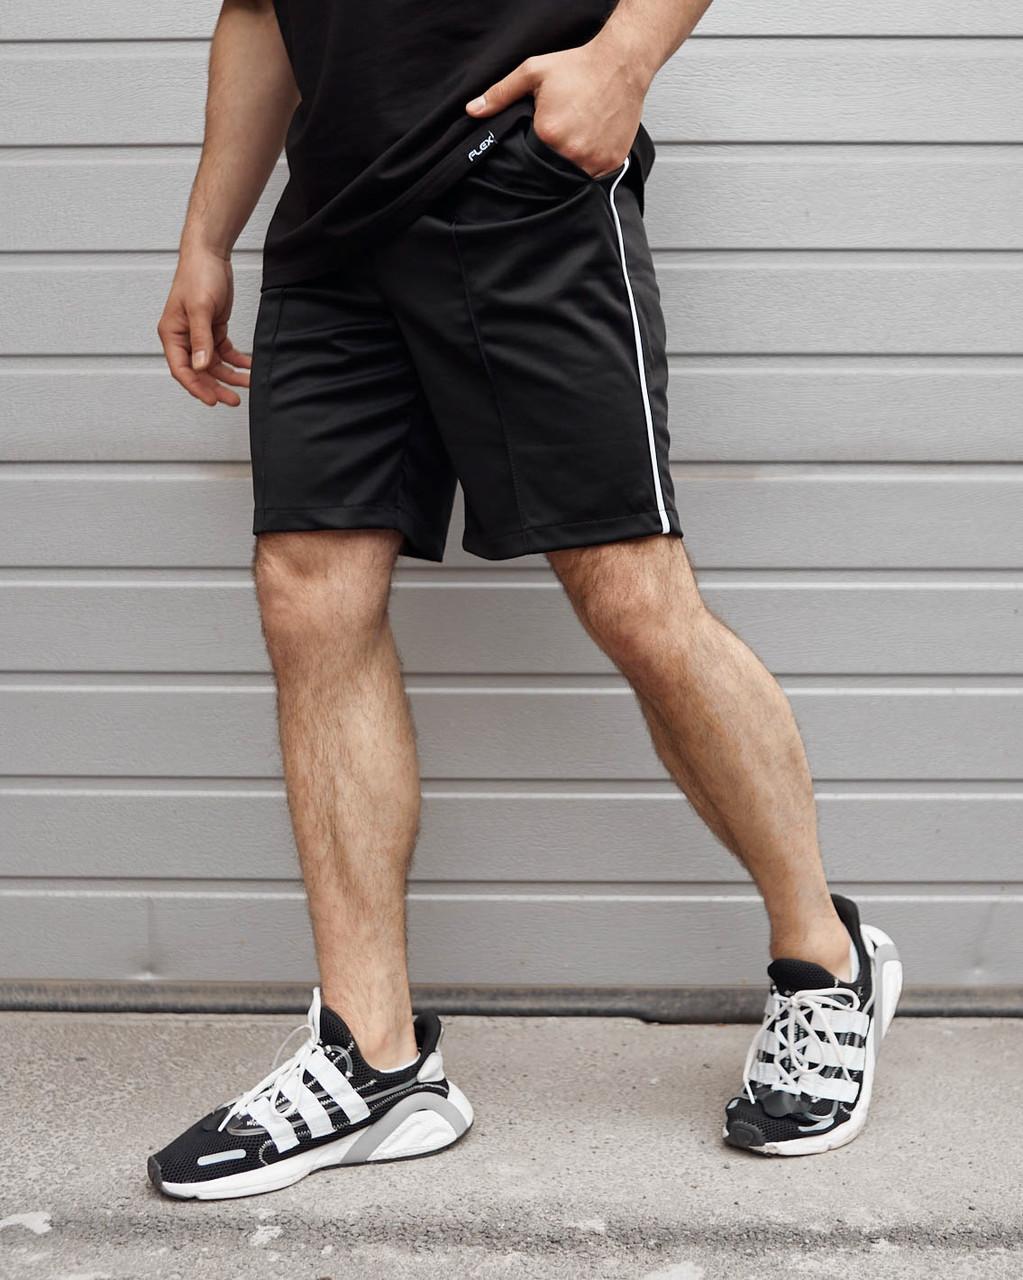 Стильные мужские шорты Сиджей от бренда ТУР